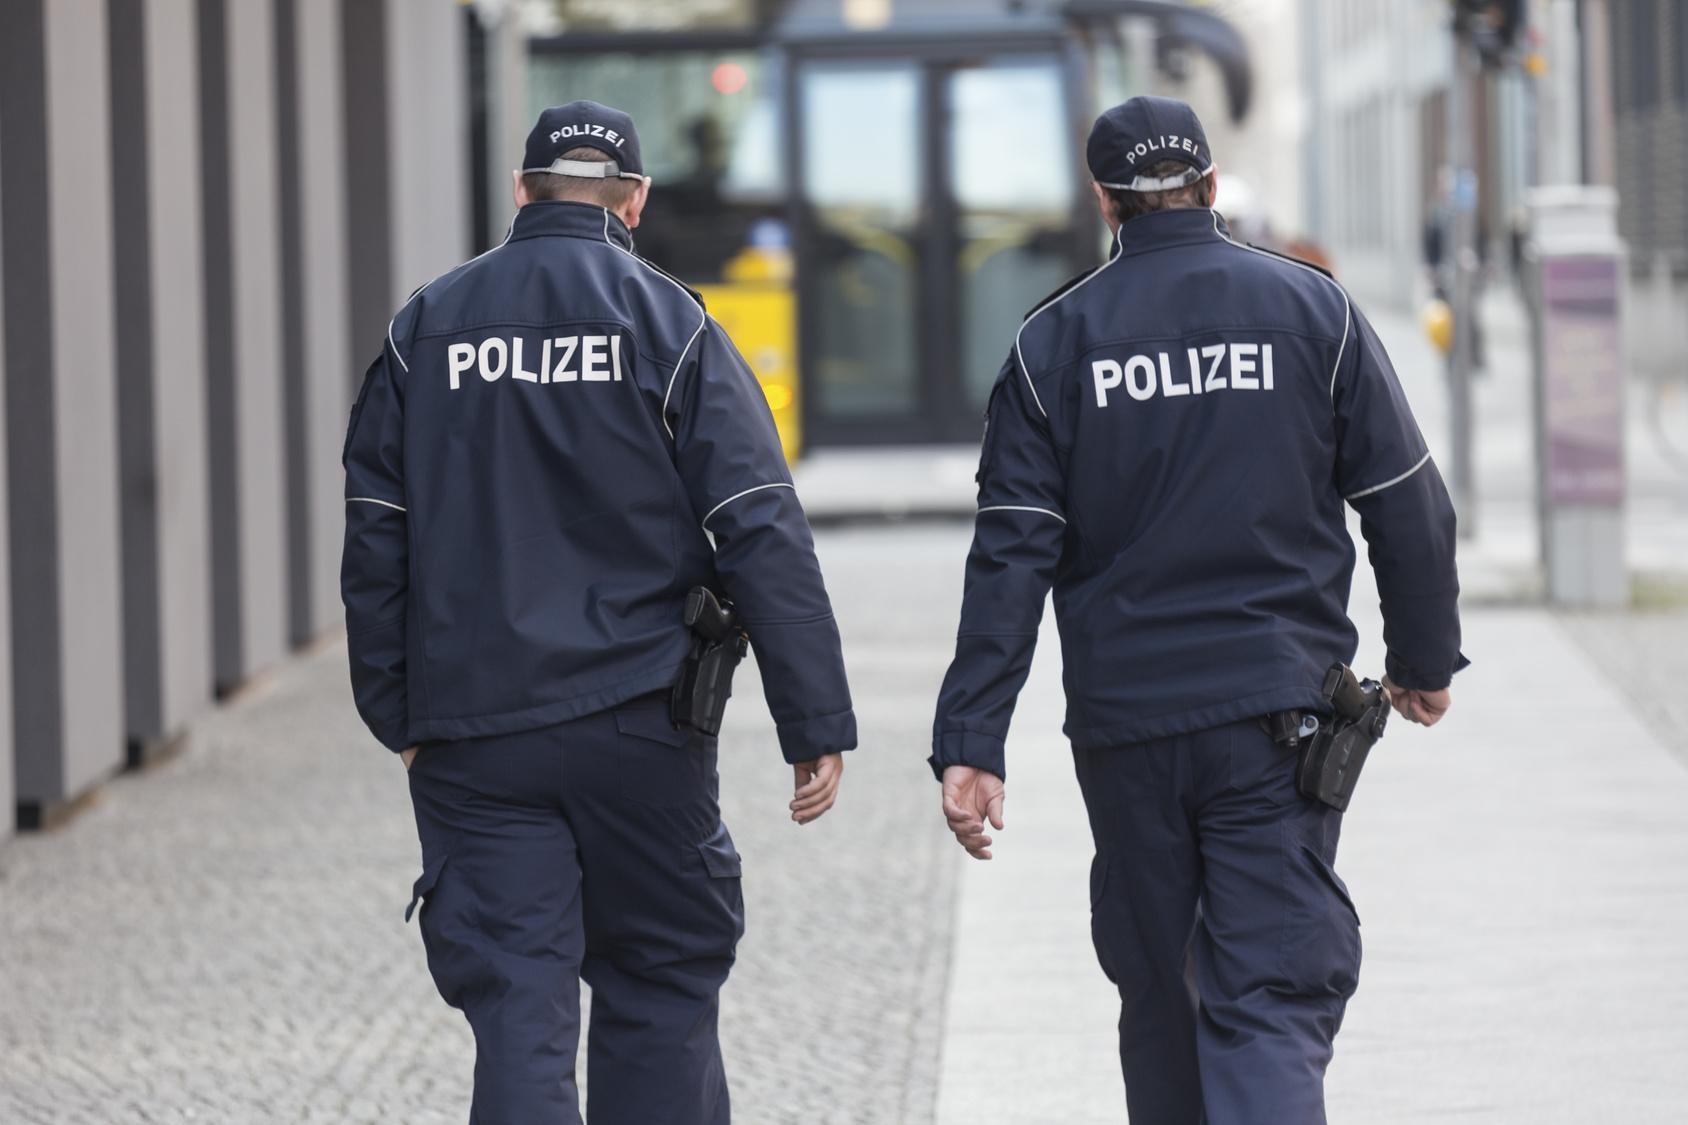 Nackter Mann lieferte sich Verfolgungsjagd mit Polizei